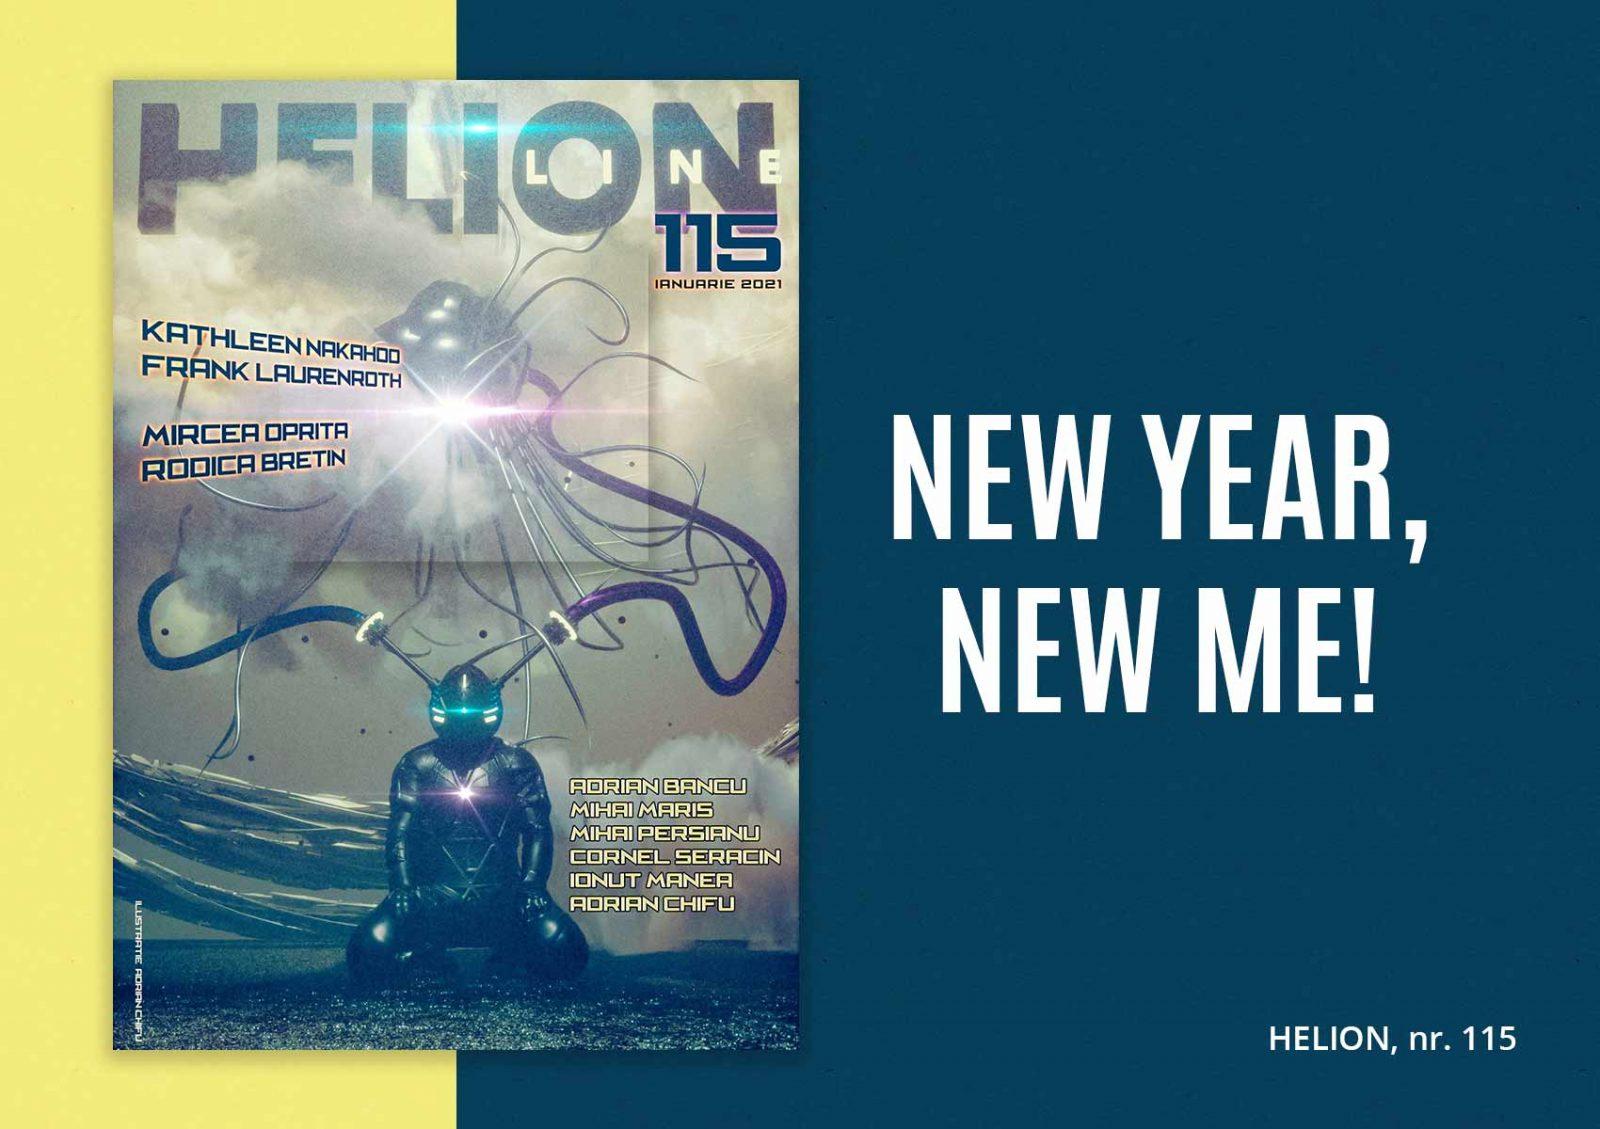 helion_115